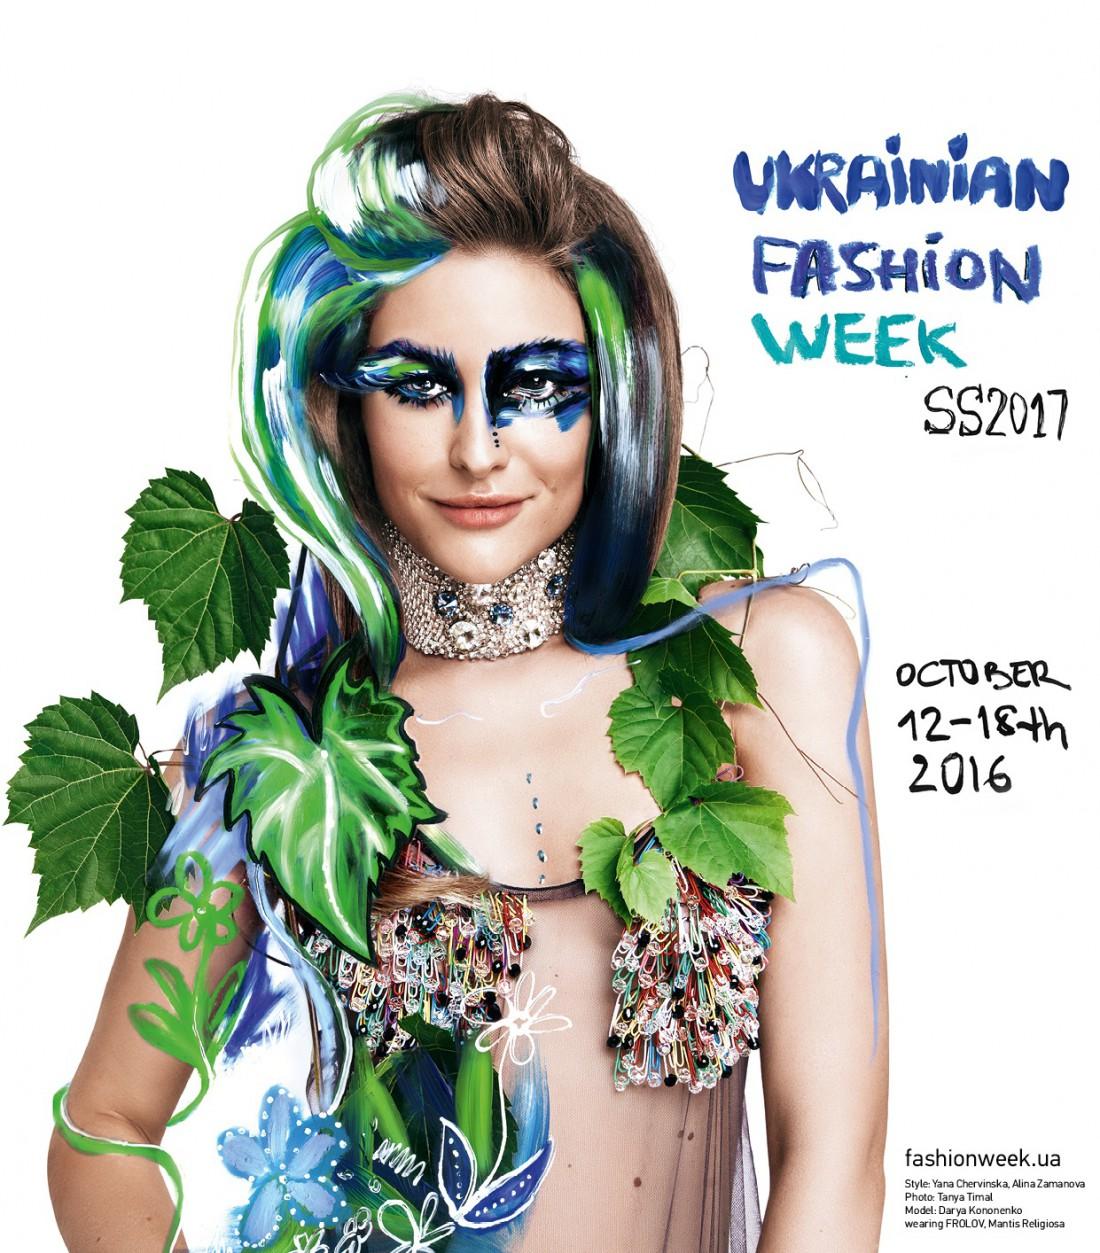 Ukrainian Fashion Week 2016: расписание показов и внепрограммных мероприятий